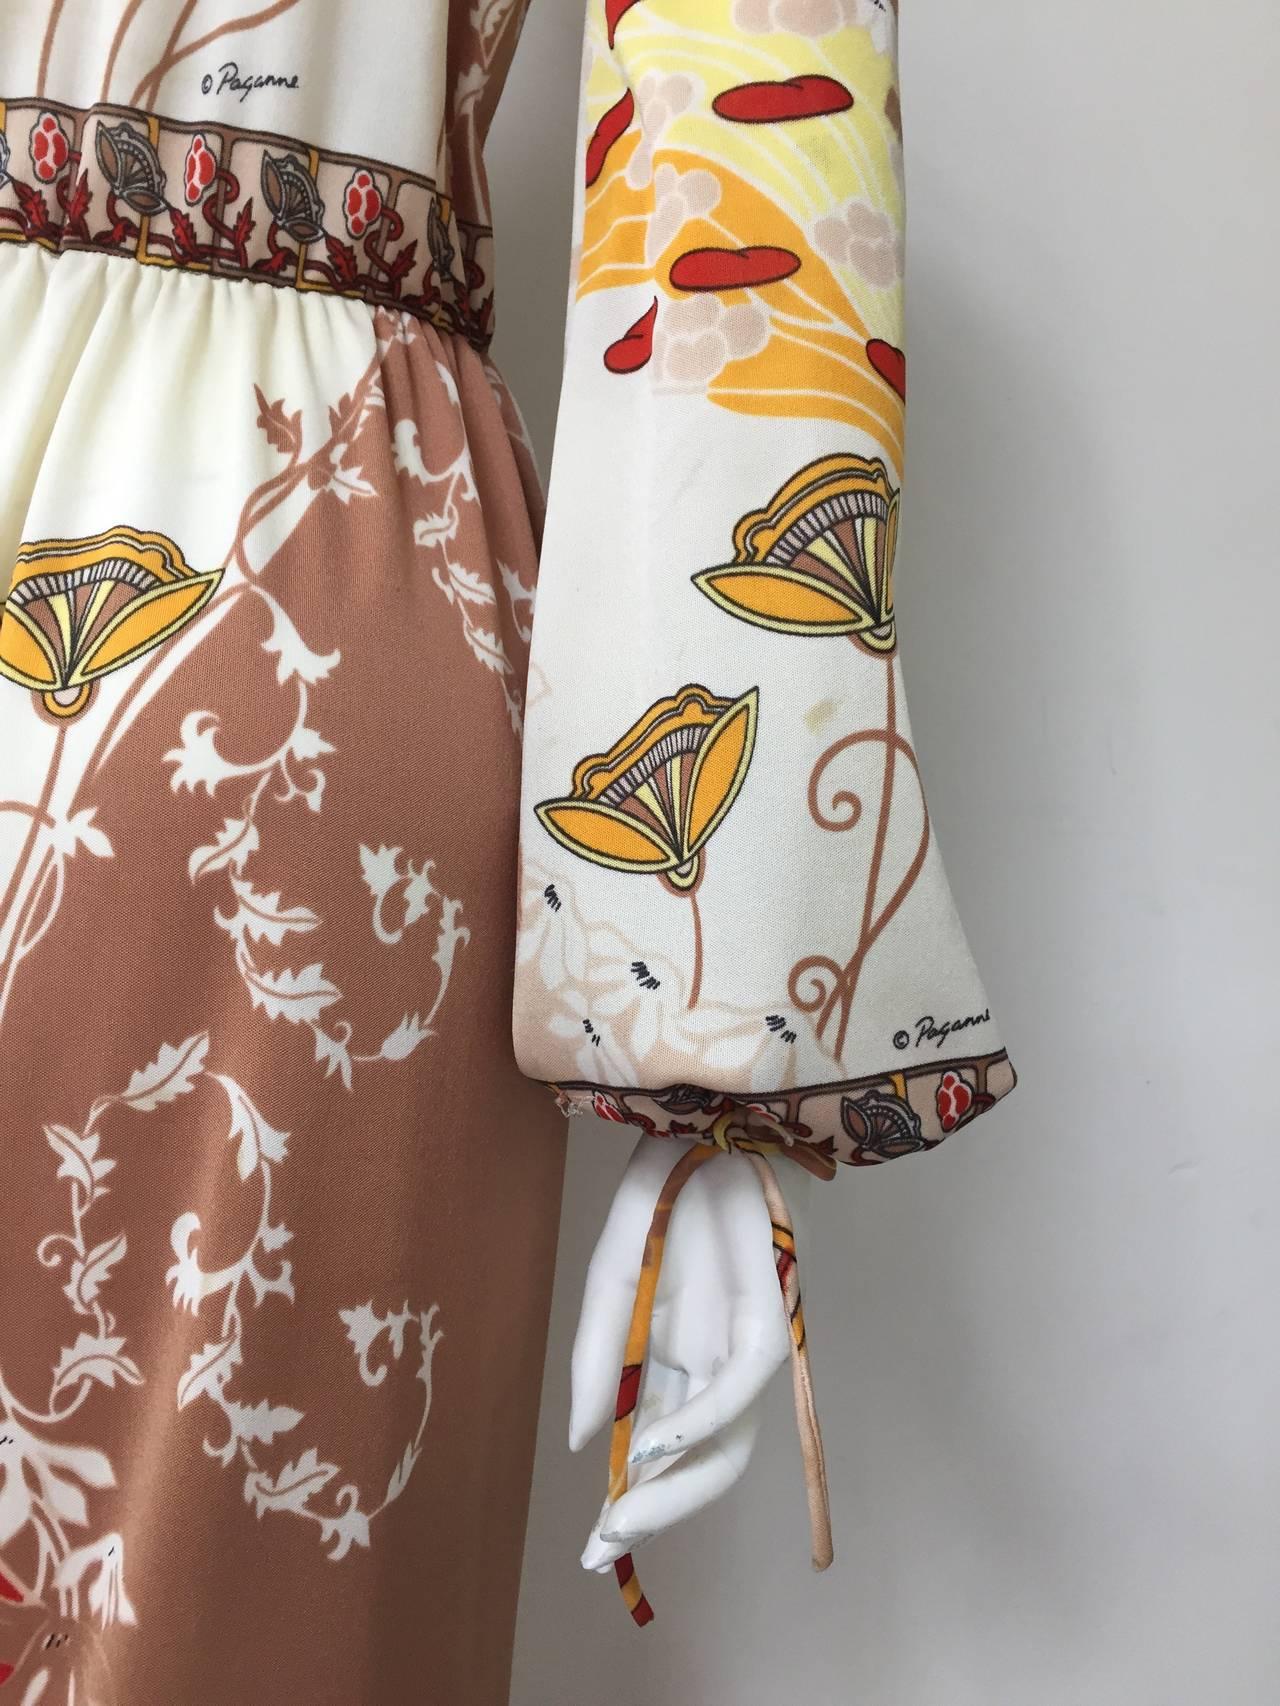 Paganne by Gene Berk 70s Asian landscape maxi dress size 4/6. 4